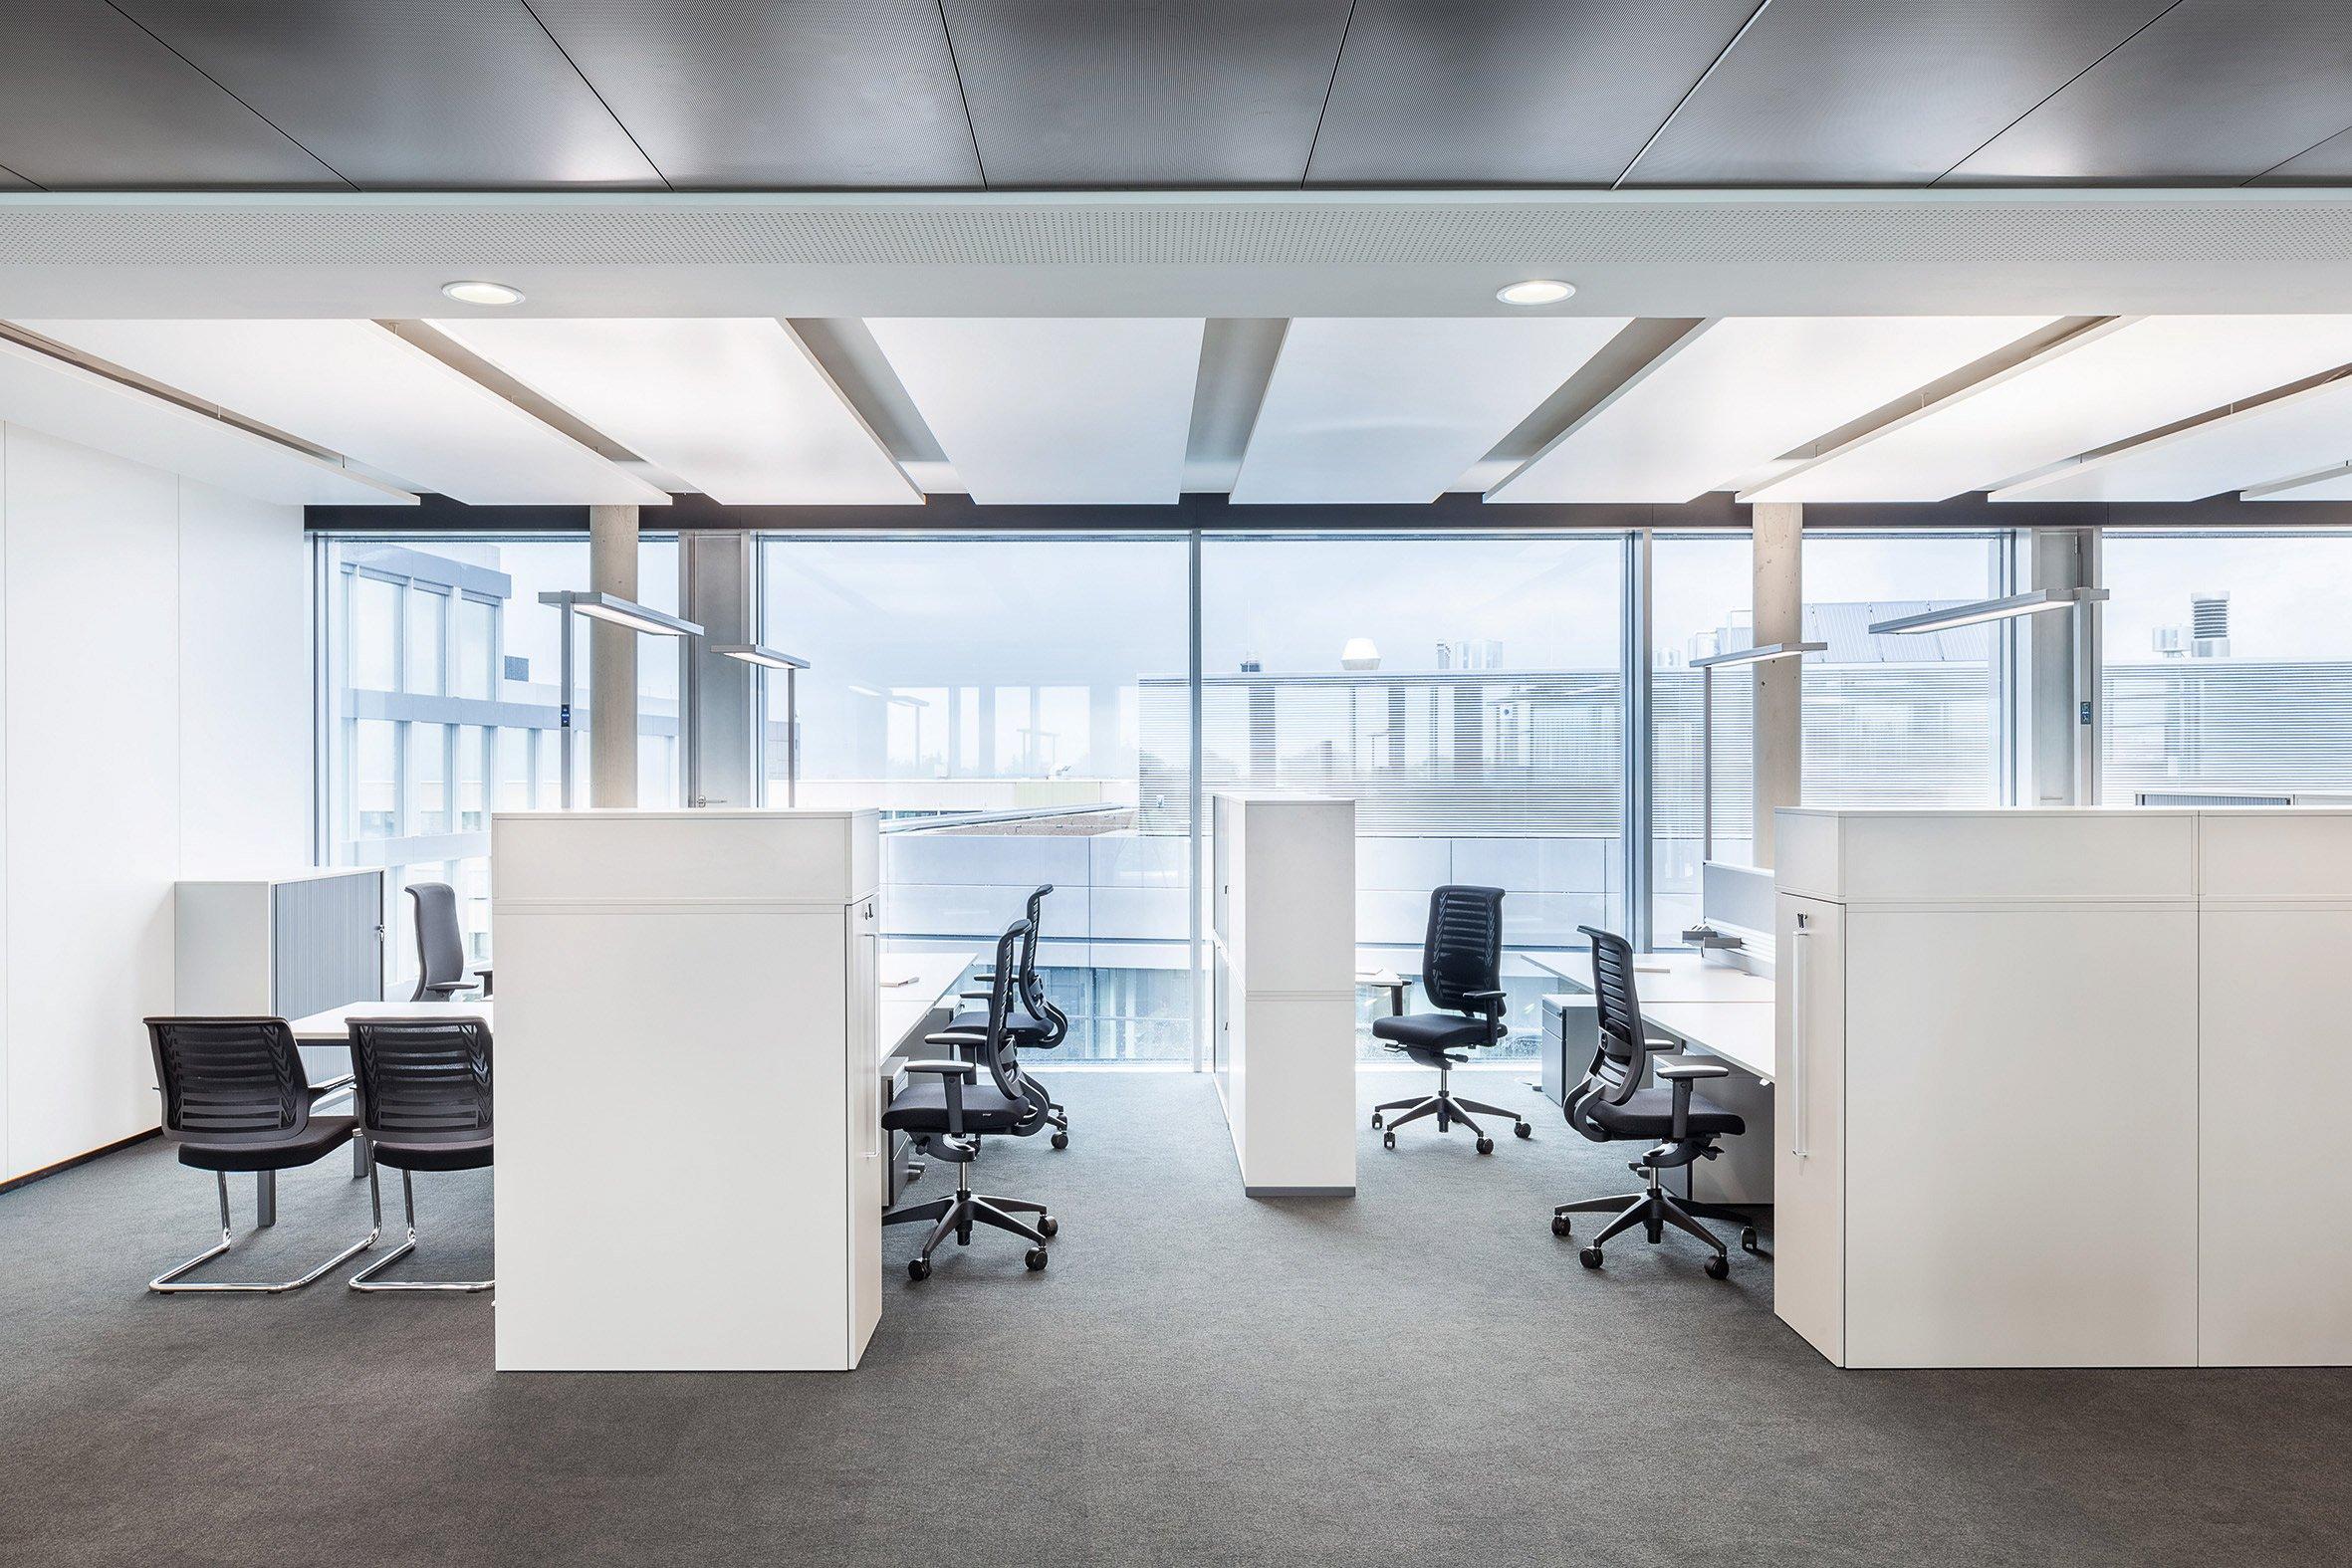 Waldmann beleuchtet technologiezentrum mit lavigo stehleuchten parisarafo Choice Image